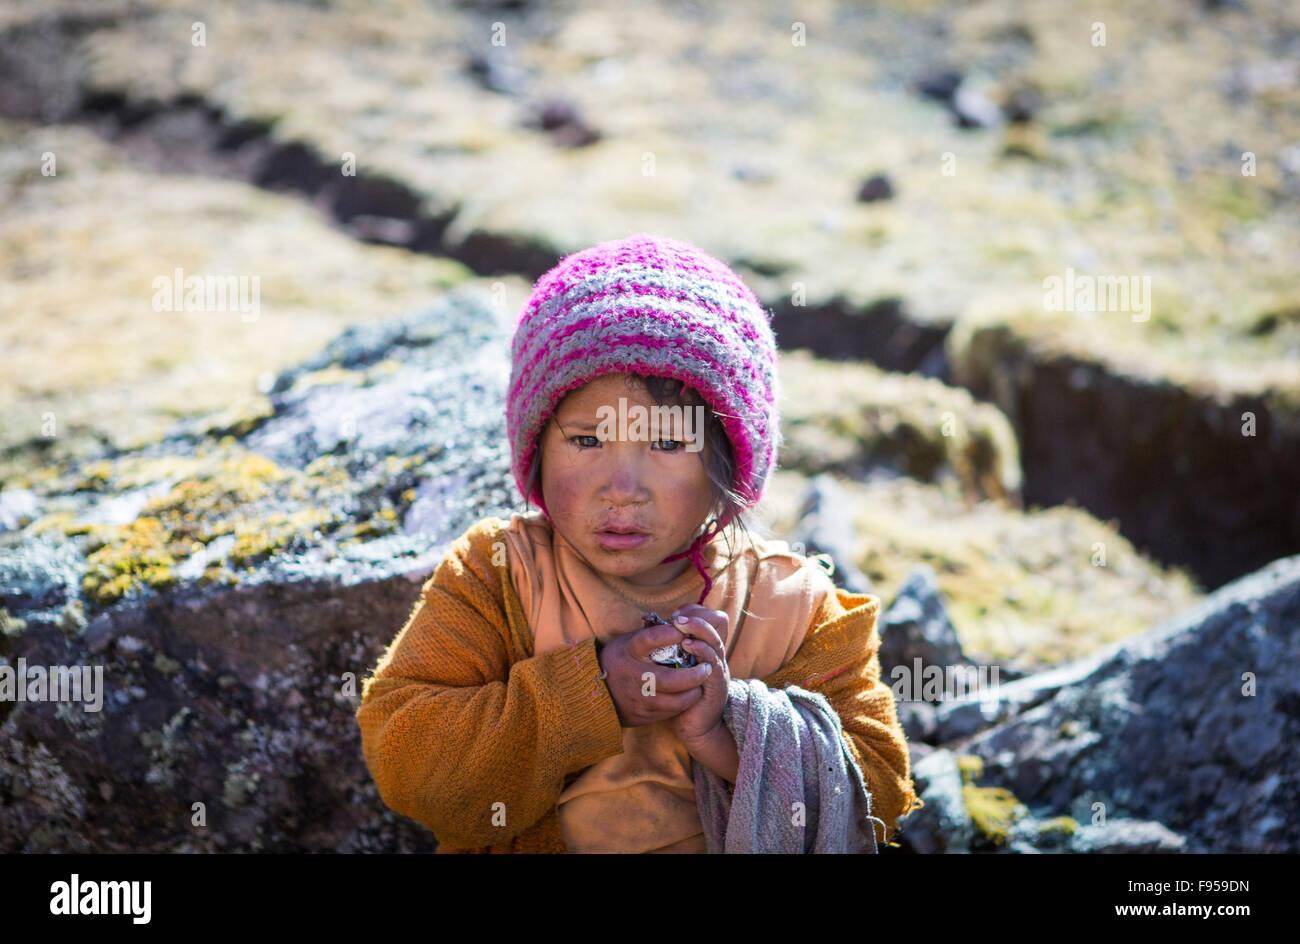 Les Lares District de Pérou. Une jeune fille se sont rencontrés par le photographe sur un trek de Lares Photo Stock